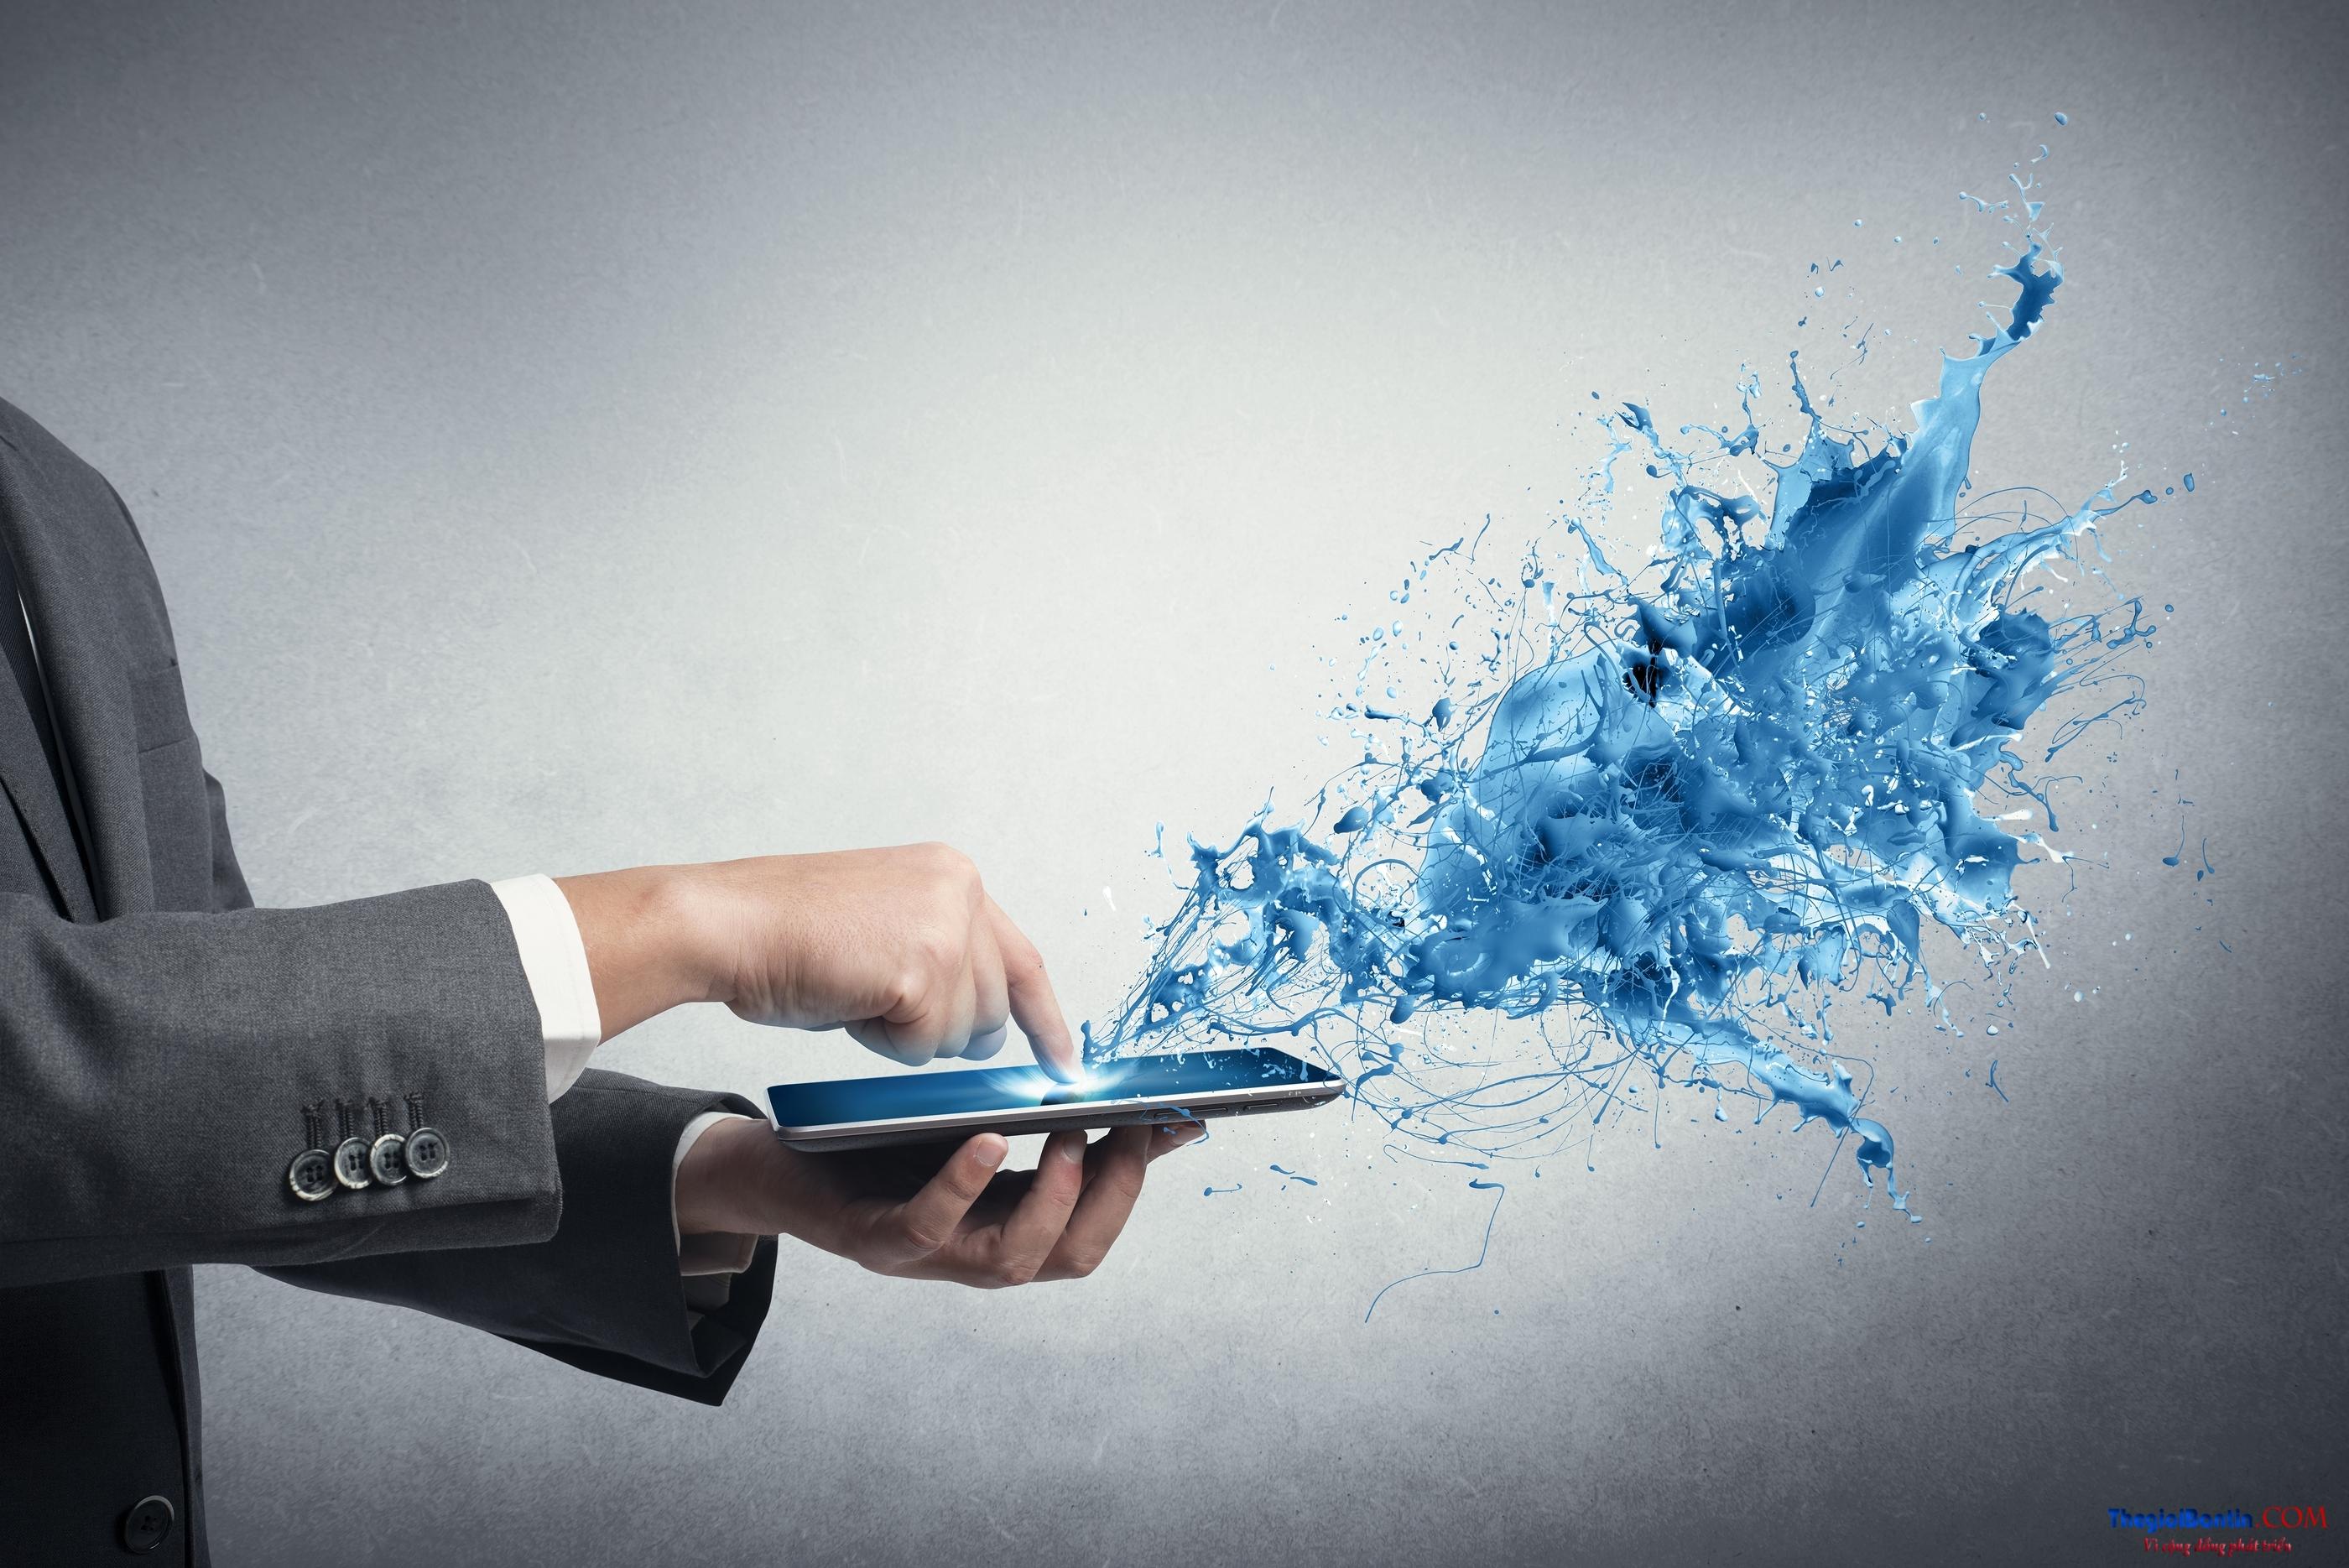 Công nghệ thay đổi rất nhanh. Nhanh hơn nhiều người có thể tưởng.